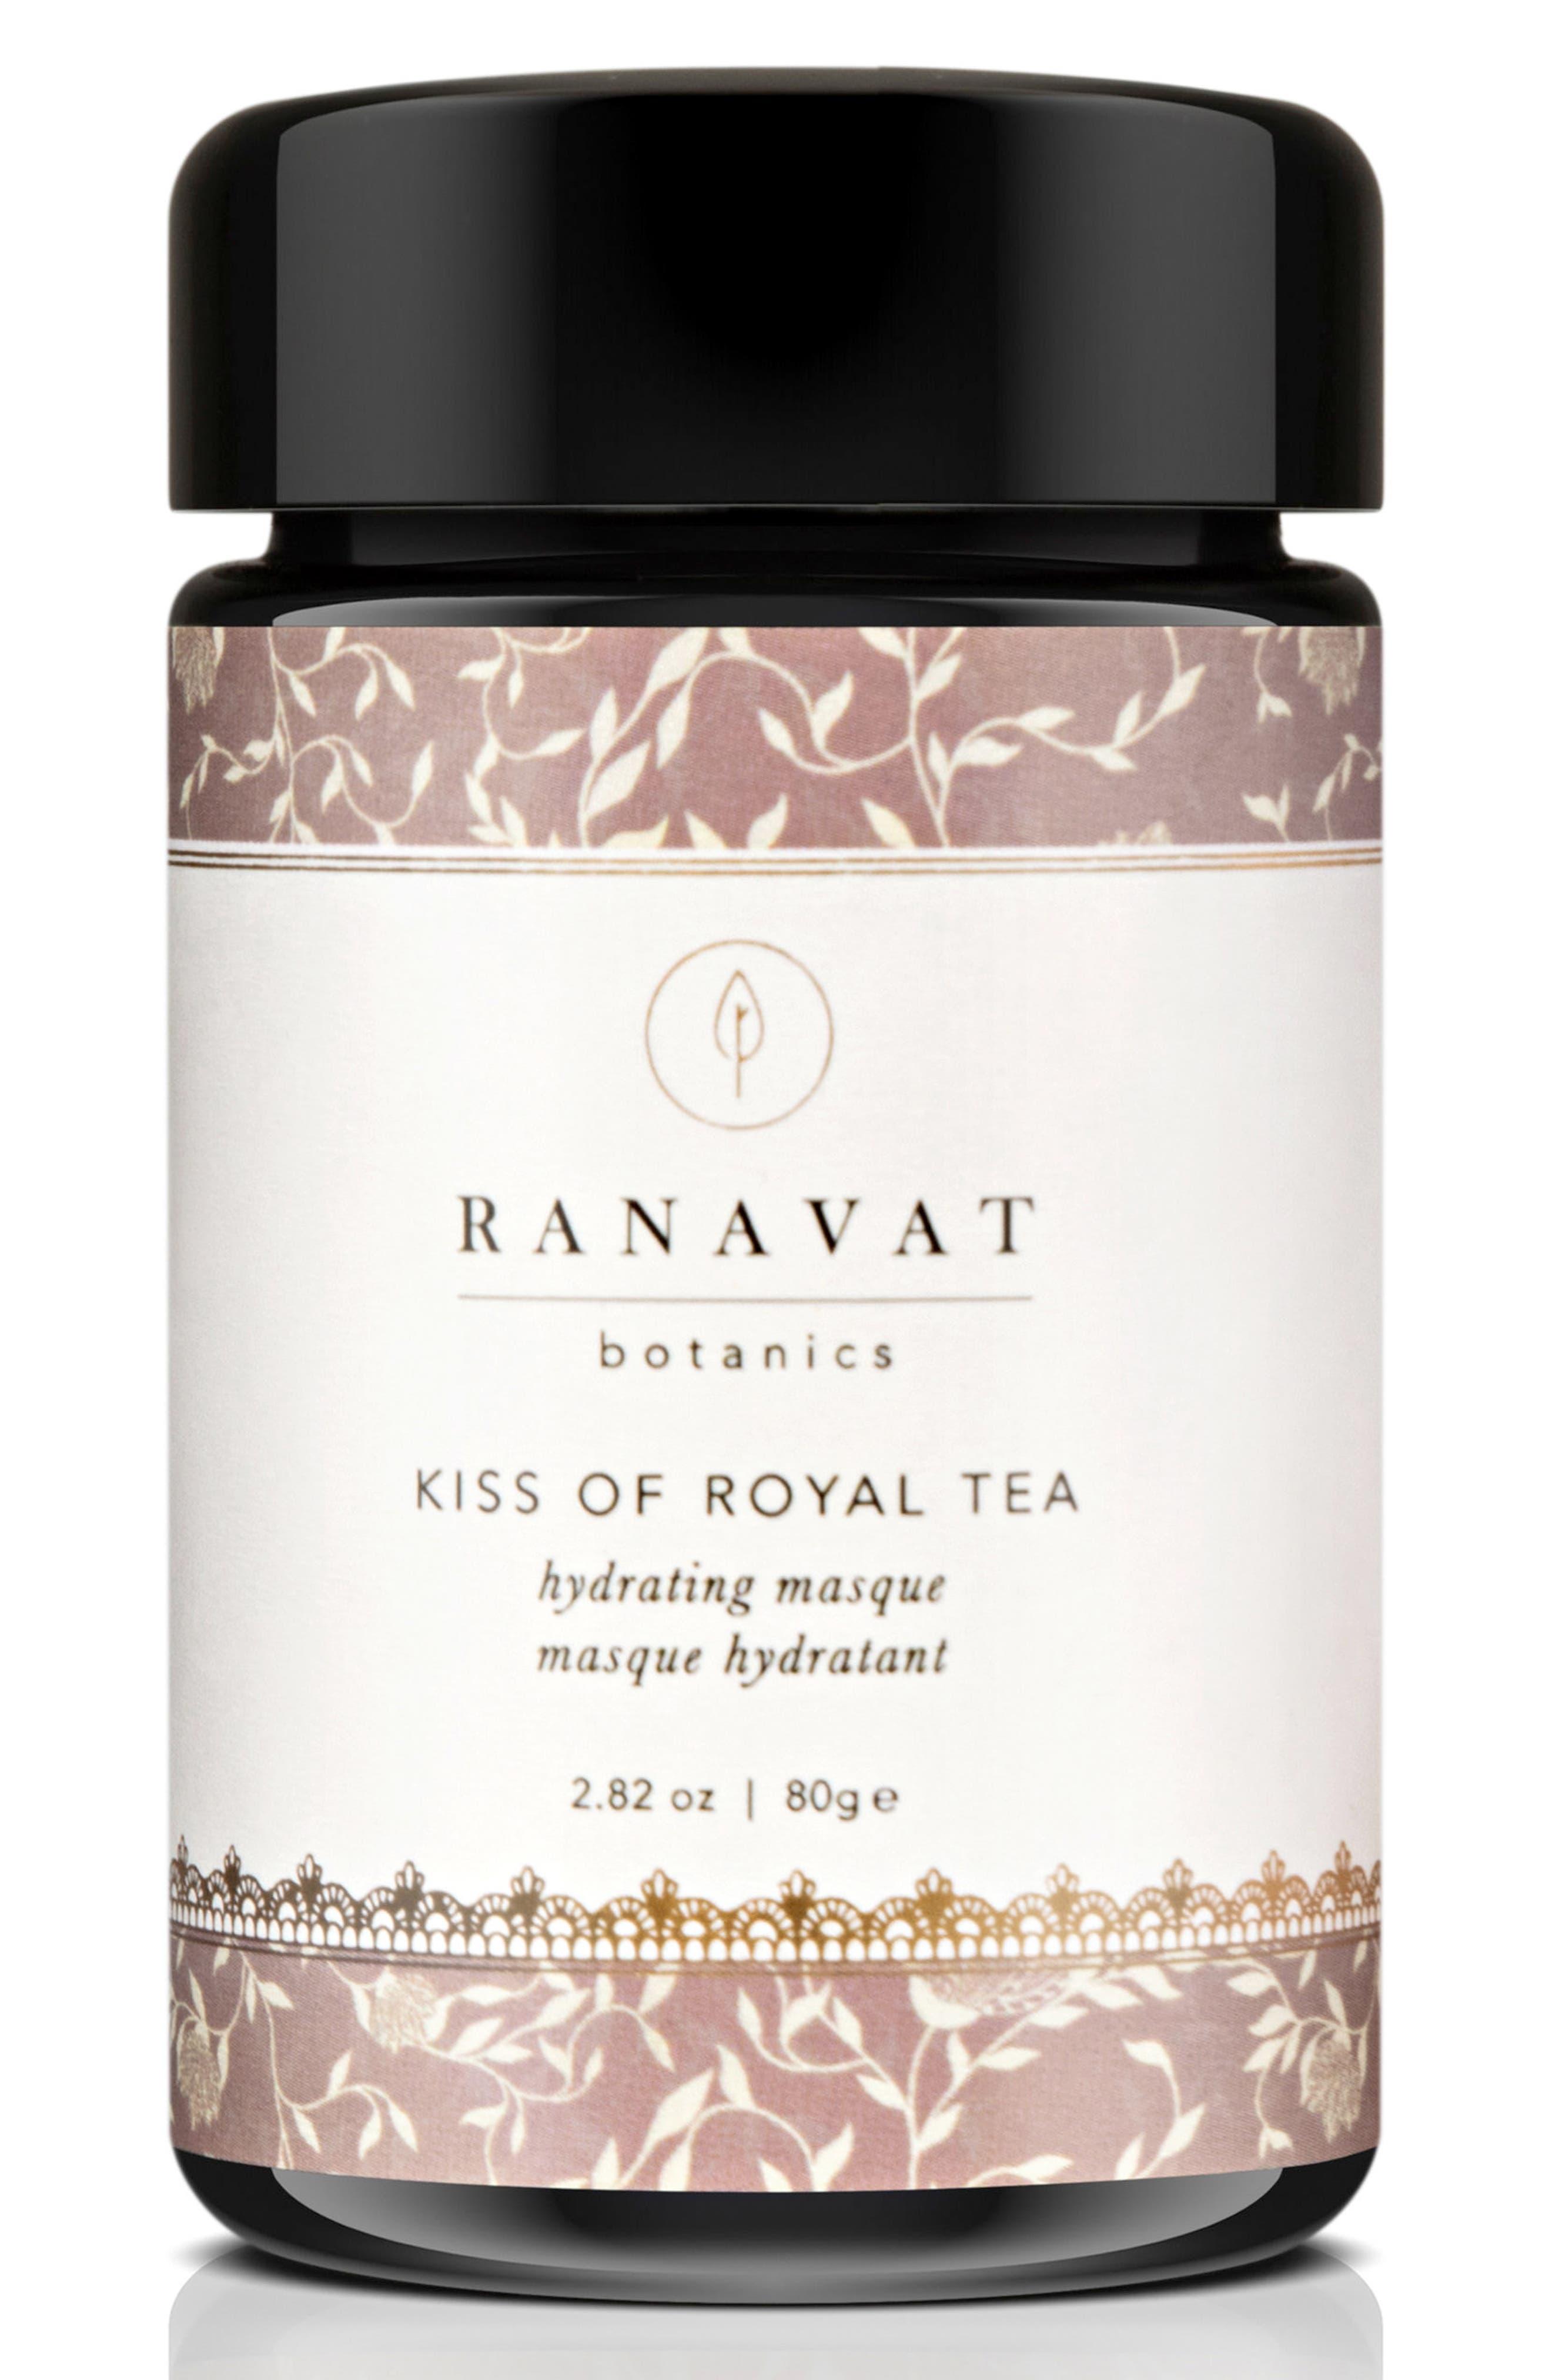 Kiss of Royal Tea Hydrating Masque,                             Main thumbnail 1, color,                             NO COLOR